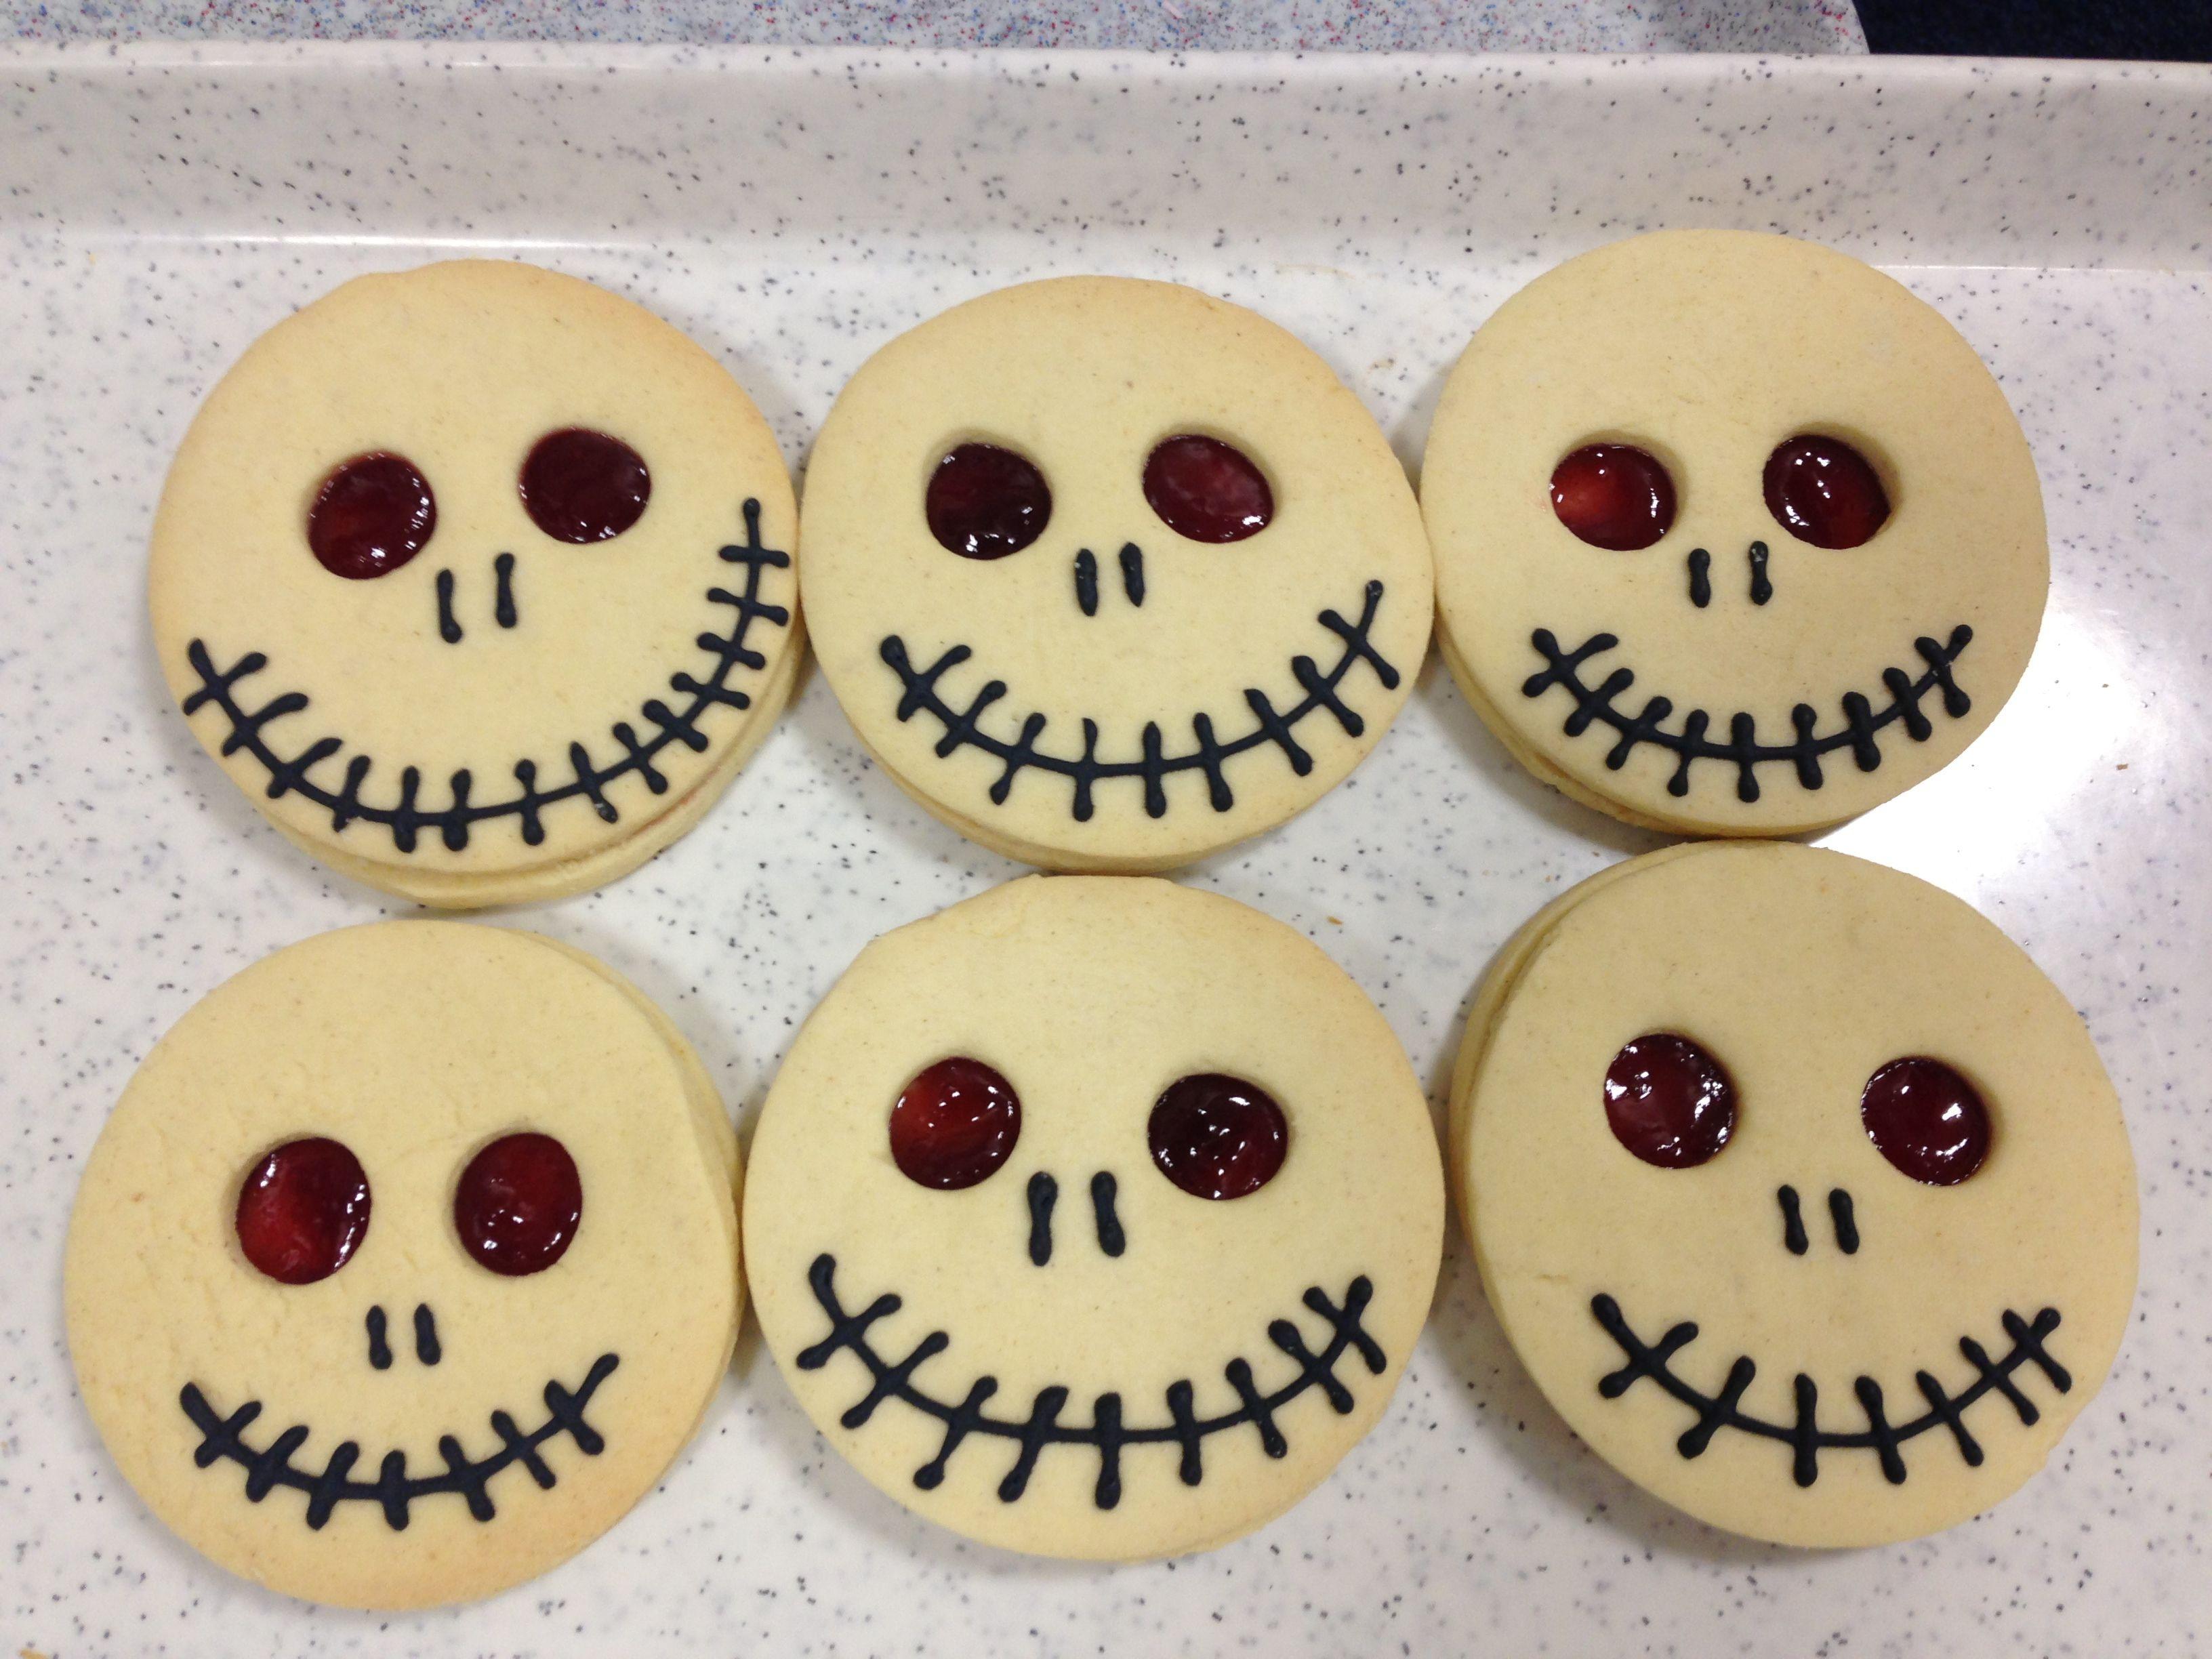 Halloween Cookies For Sale  Skull jammie dodgers for school Halloween bake sale